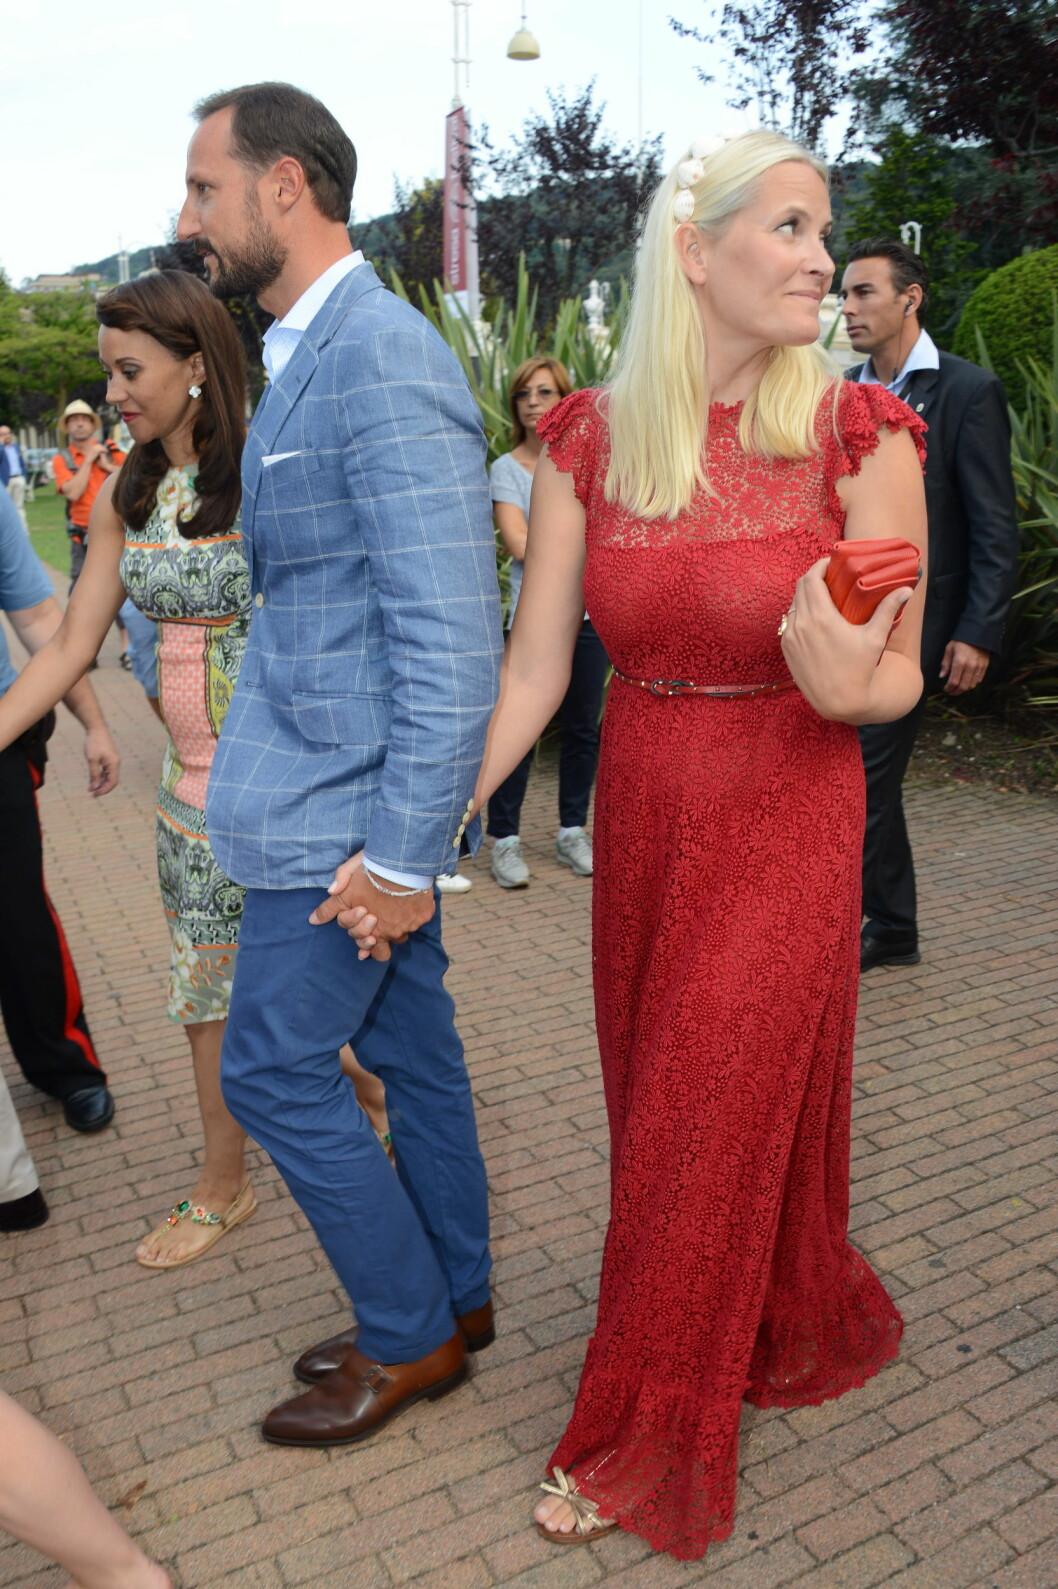 <strong>ÆRESGJESTER:</strong> Kronprins Håkon og kronprinsesse Mette-Marit var tilstede i det kongelige bryllupet. Med seg hadde de også Mette-Marits sønn, Marius.  Foto: Splash News